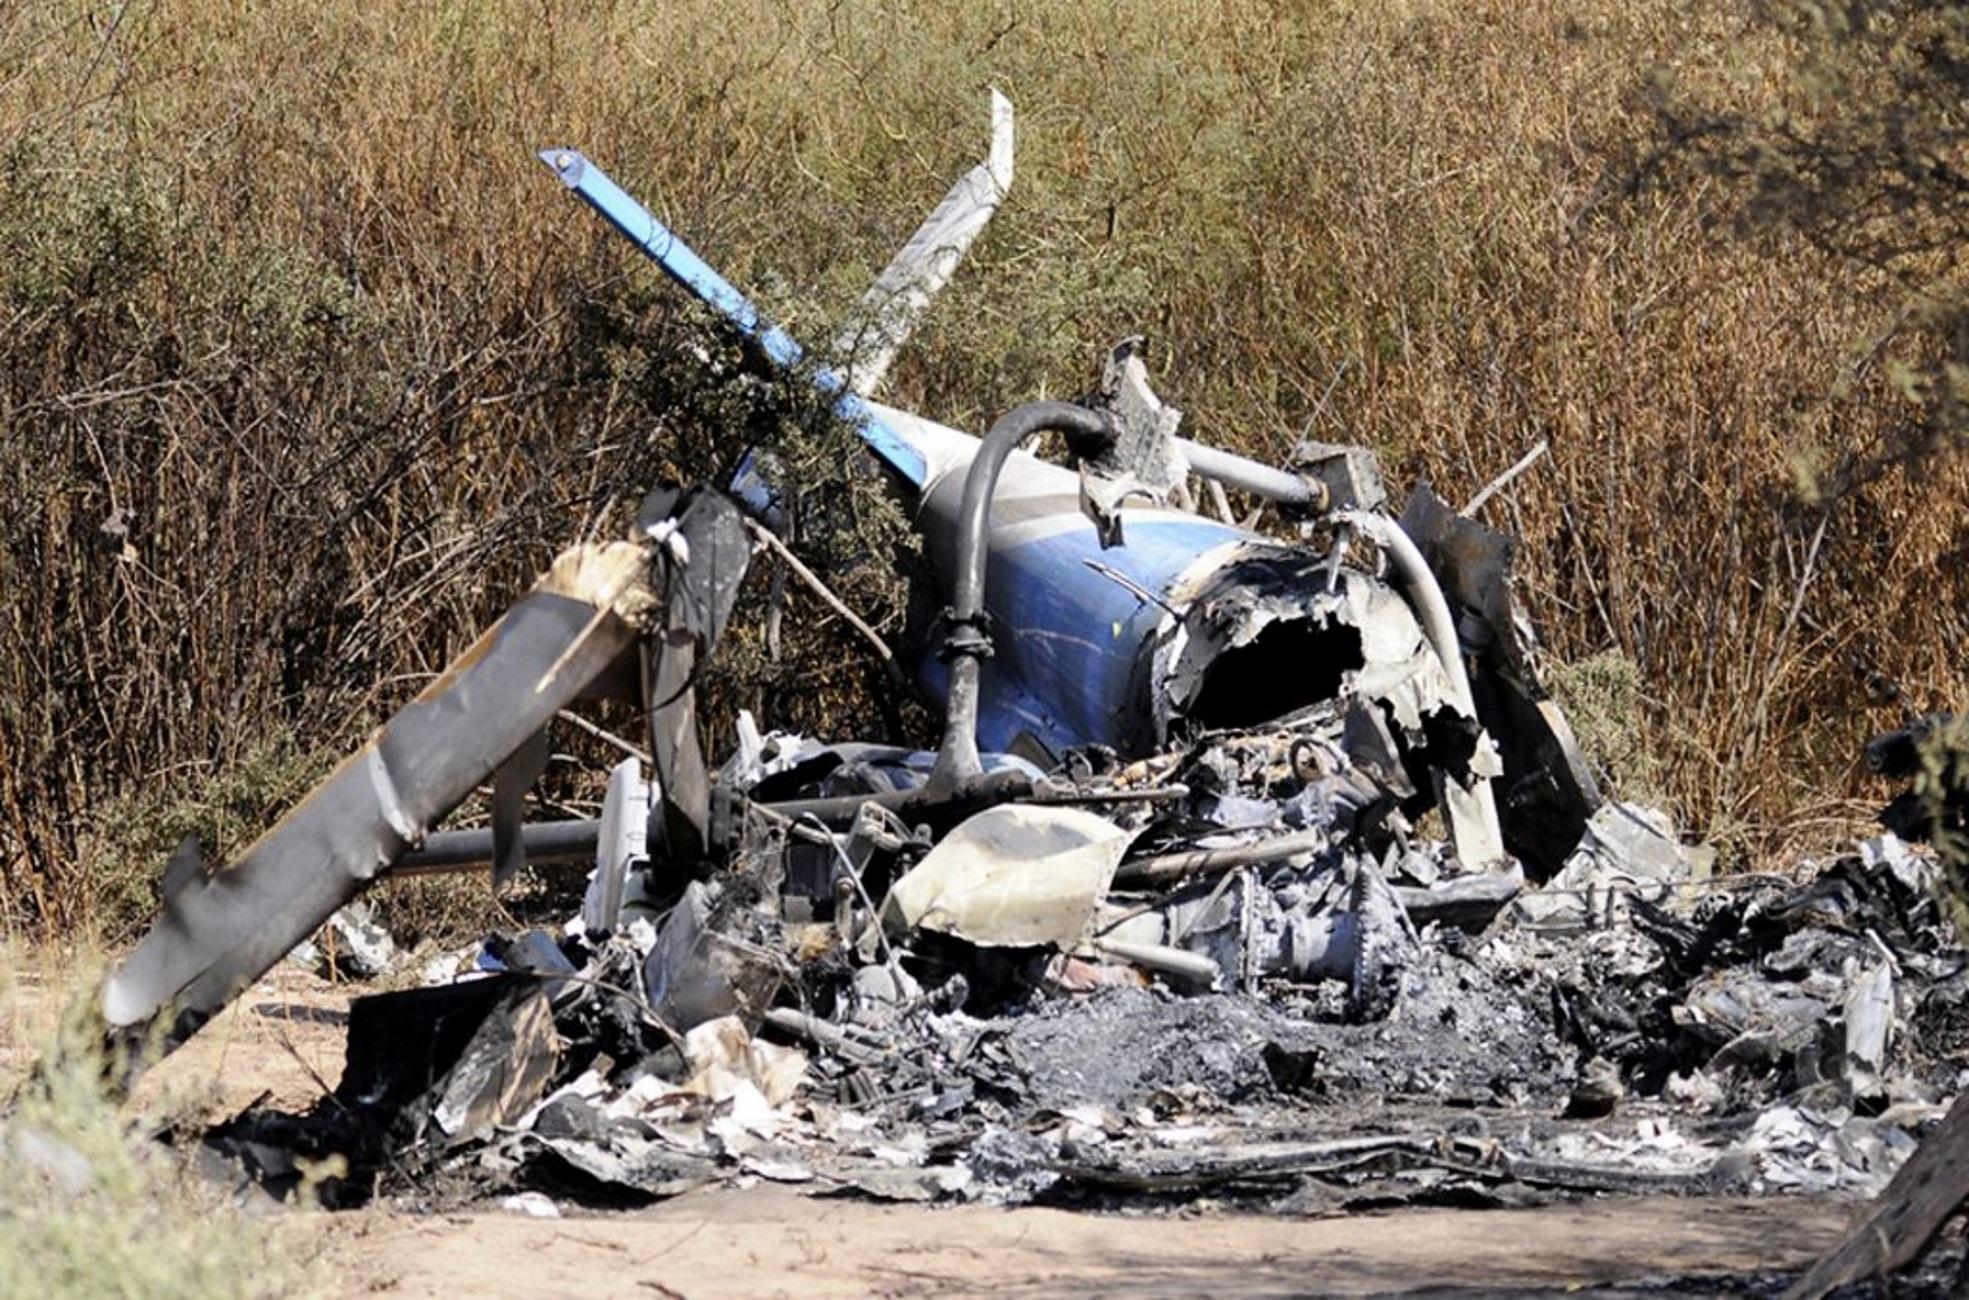 Γαλλικές Άλπεις: Συνετρίβη ελικόπτερο με έξι άτομα στο Σαβουά